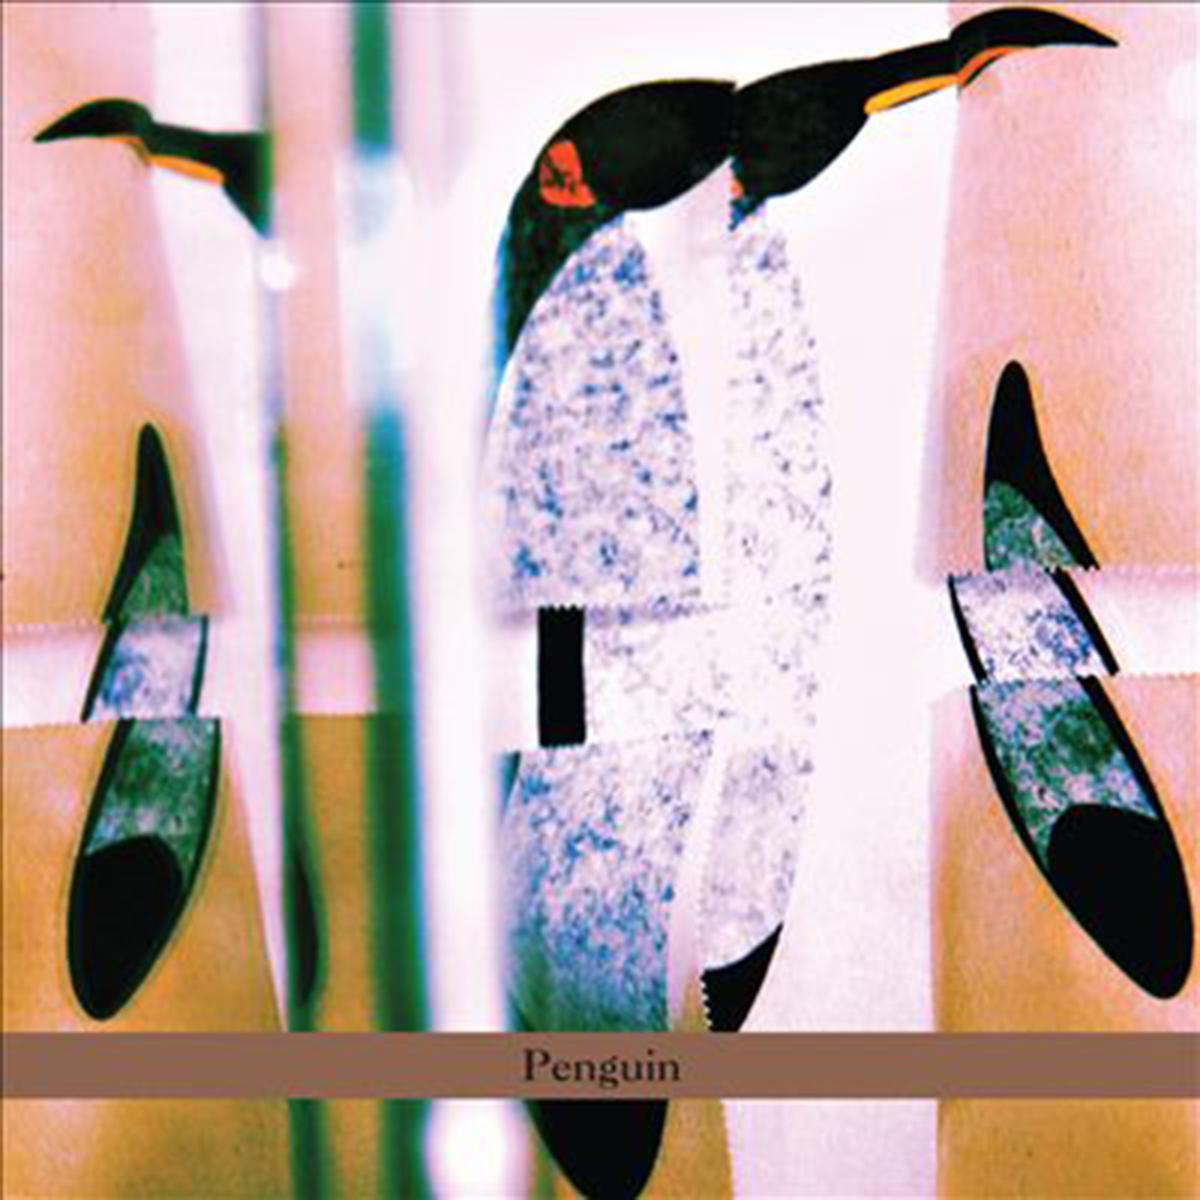 Haggai Cohen Milo  Penguin Tzadik/John Zorn (2014)